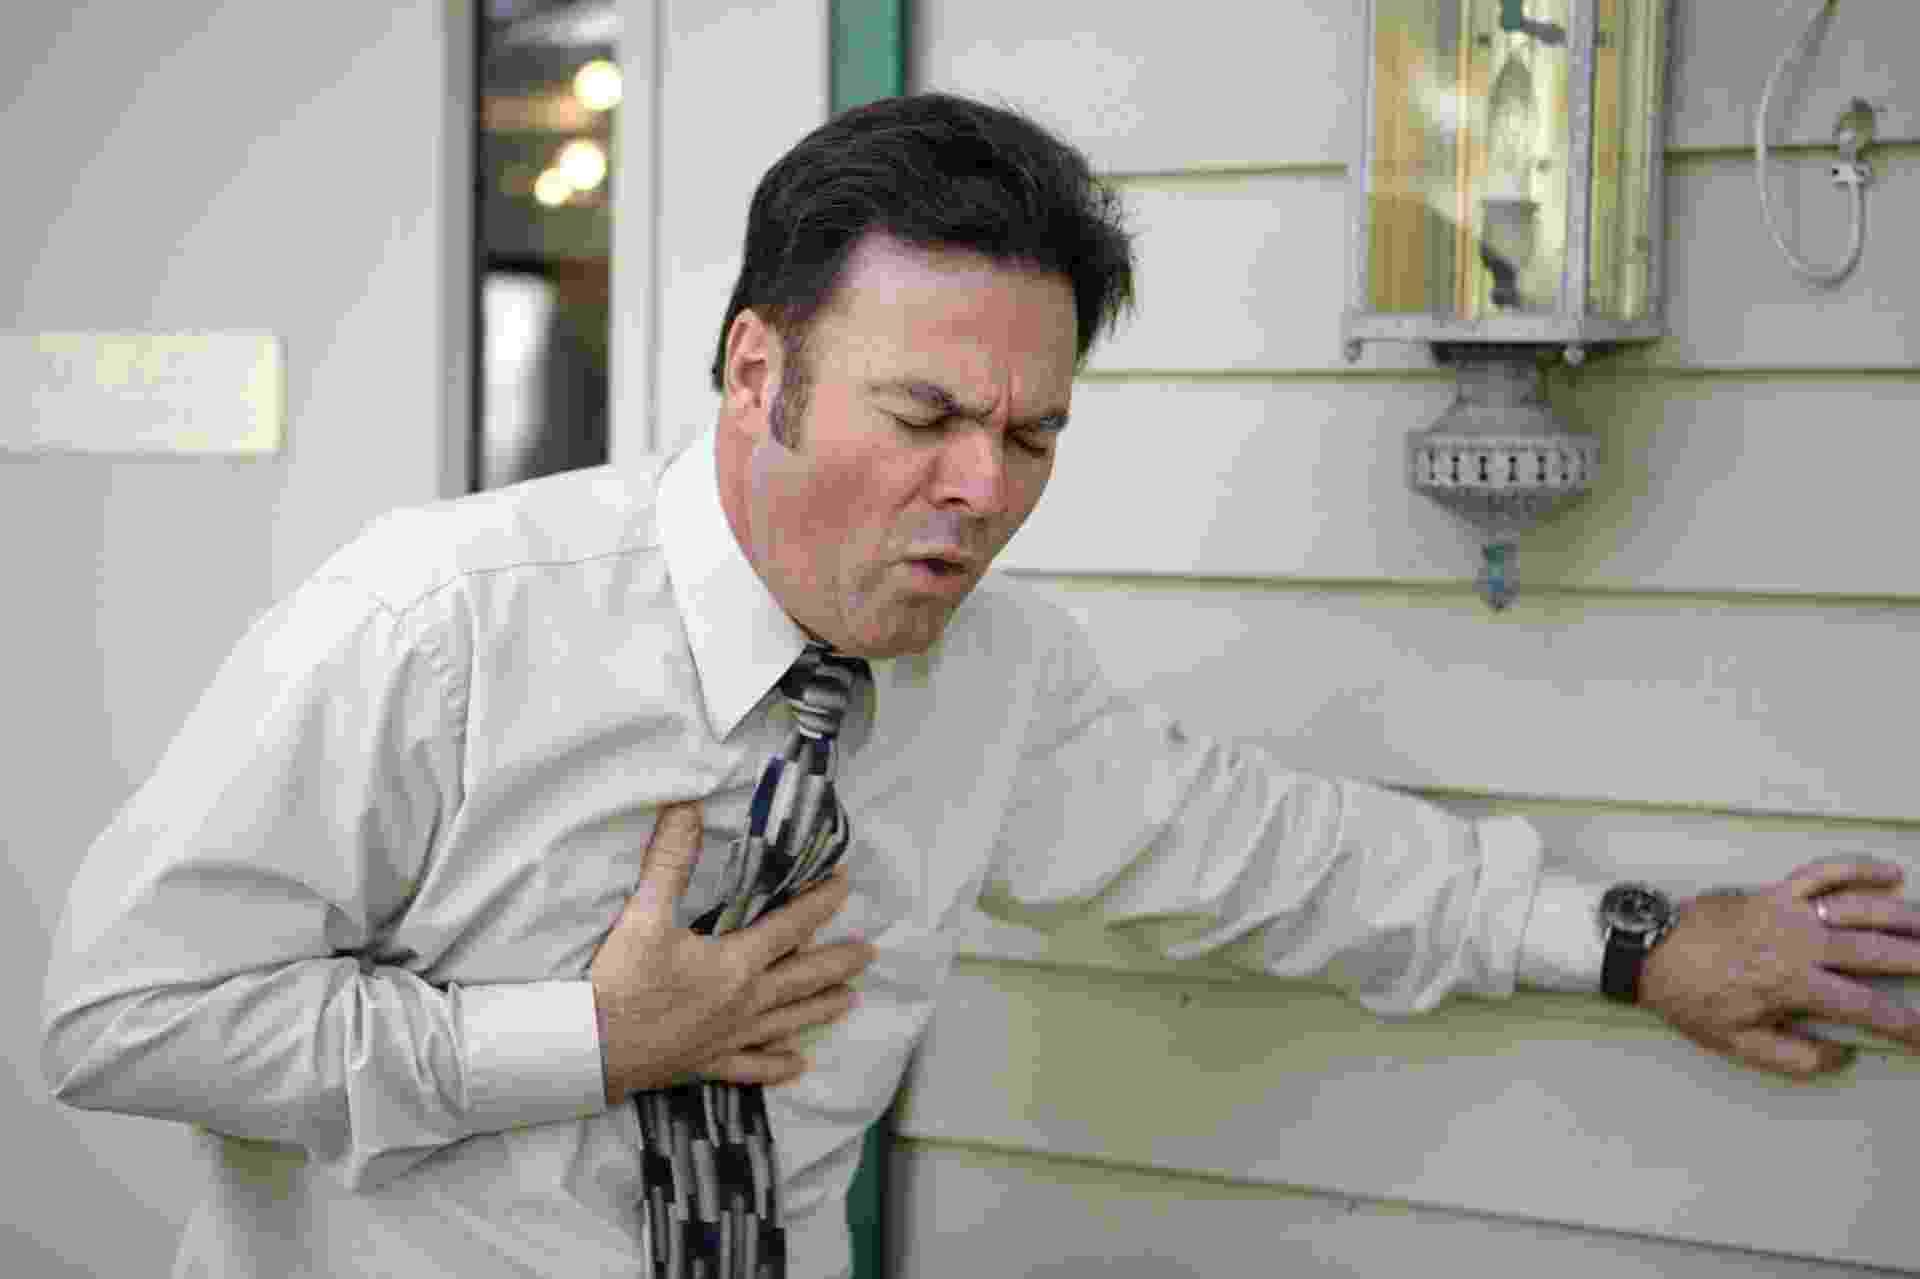 Homem tossindo, homem passando mal, infarto - Thinkstock